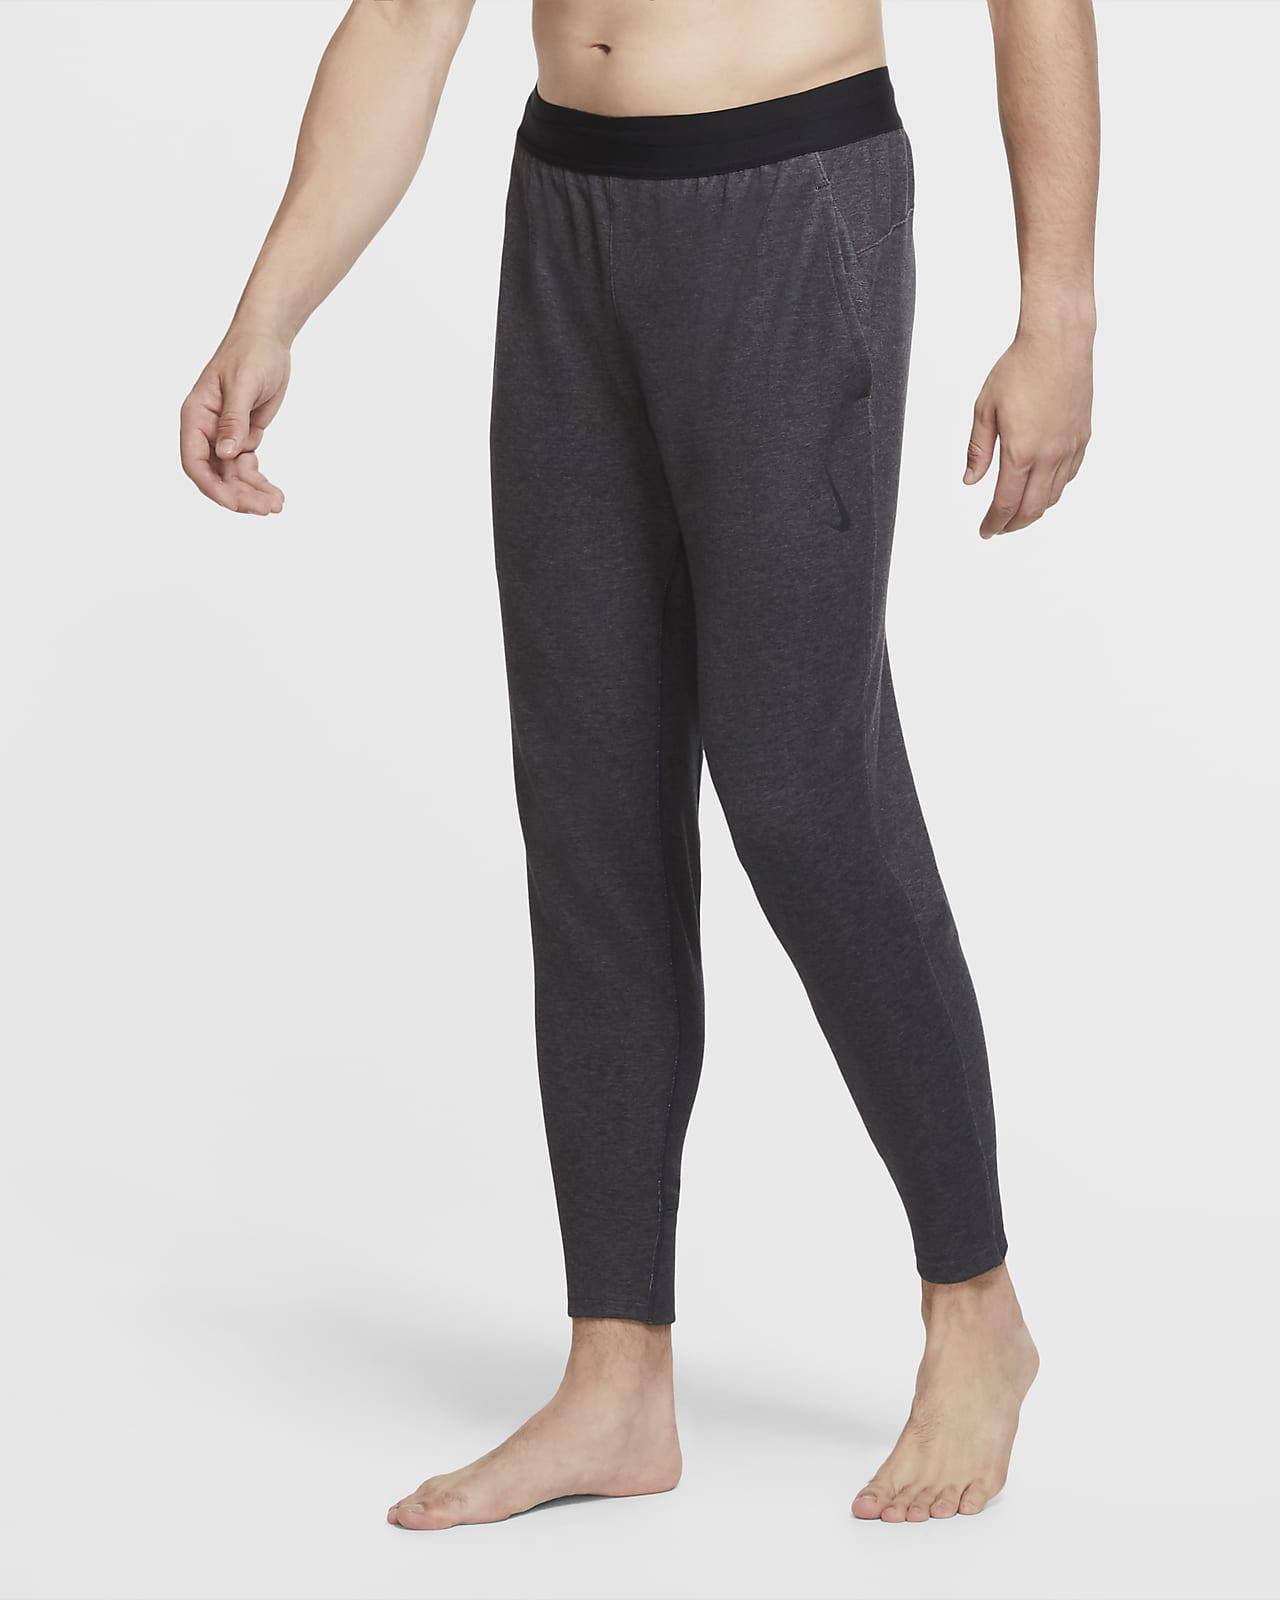 Ανδρικό παντελόνι Nike Yoga